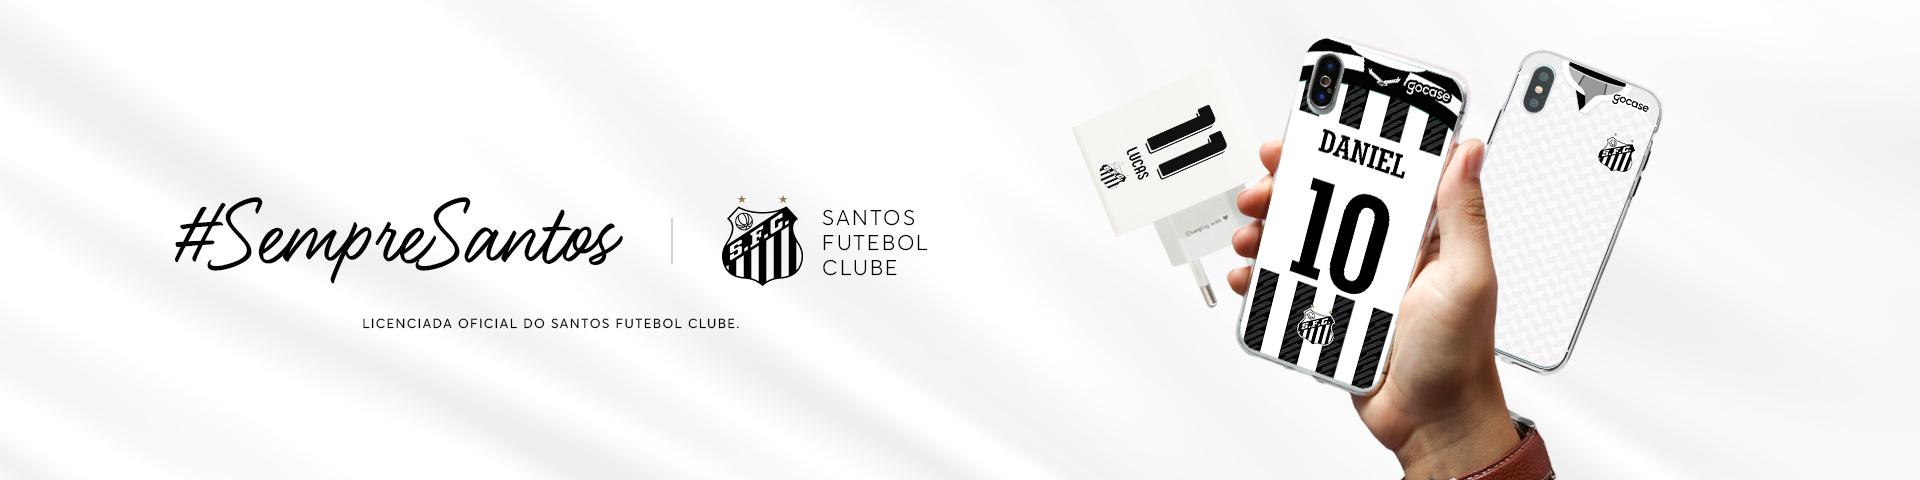 Santos desktop